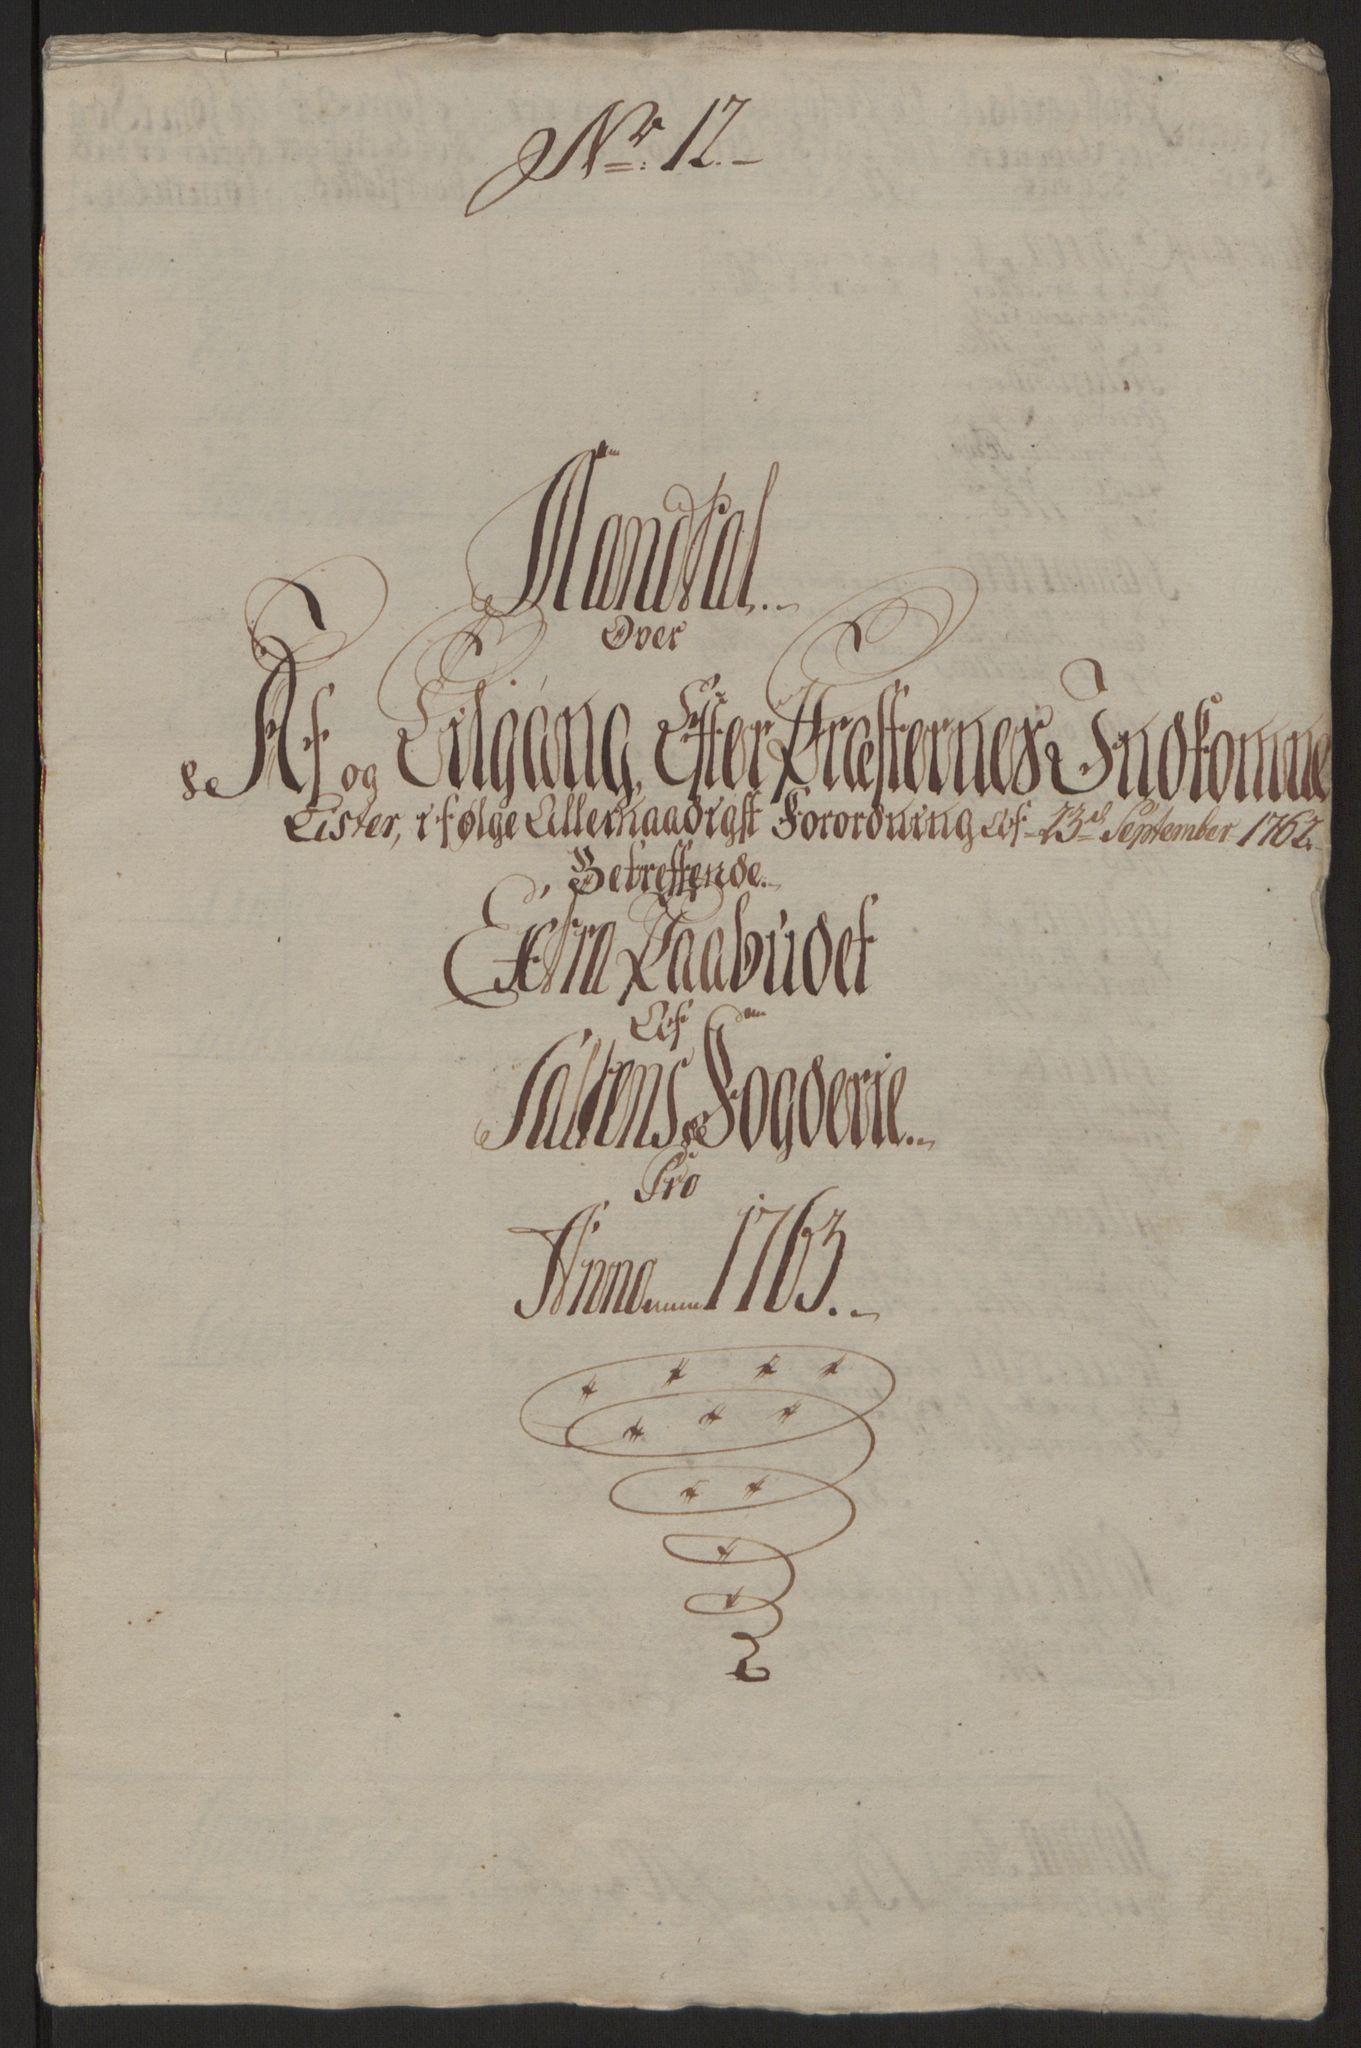 RA, Rentekammeret inntil 1814, Reviderte regnskaper, Fogderegnskap, R66/L4670: Ekstraskatten Salten, 1762-1764, s. 150